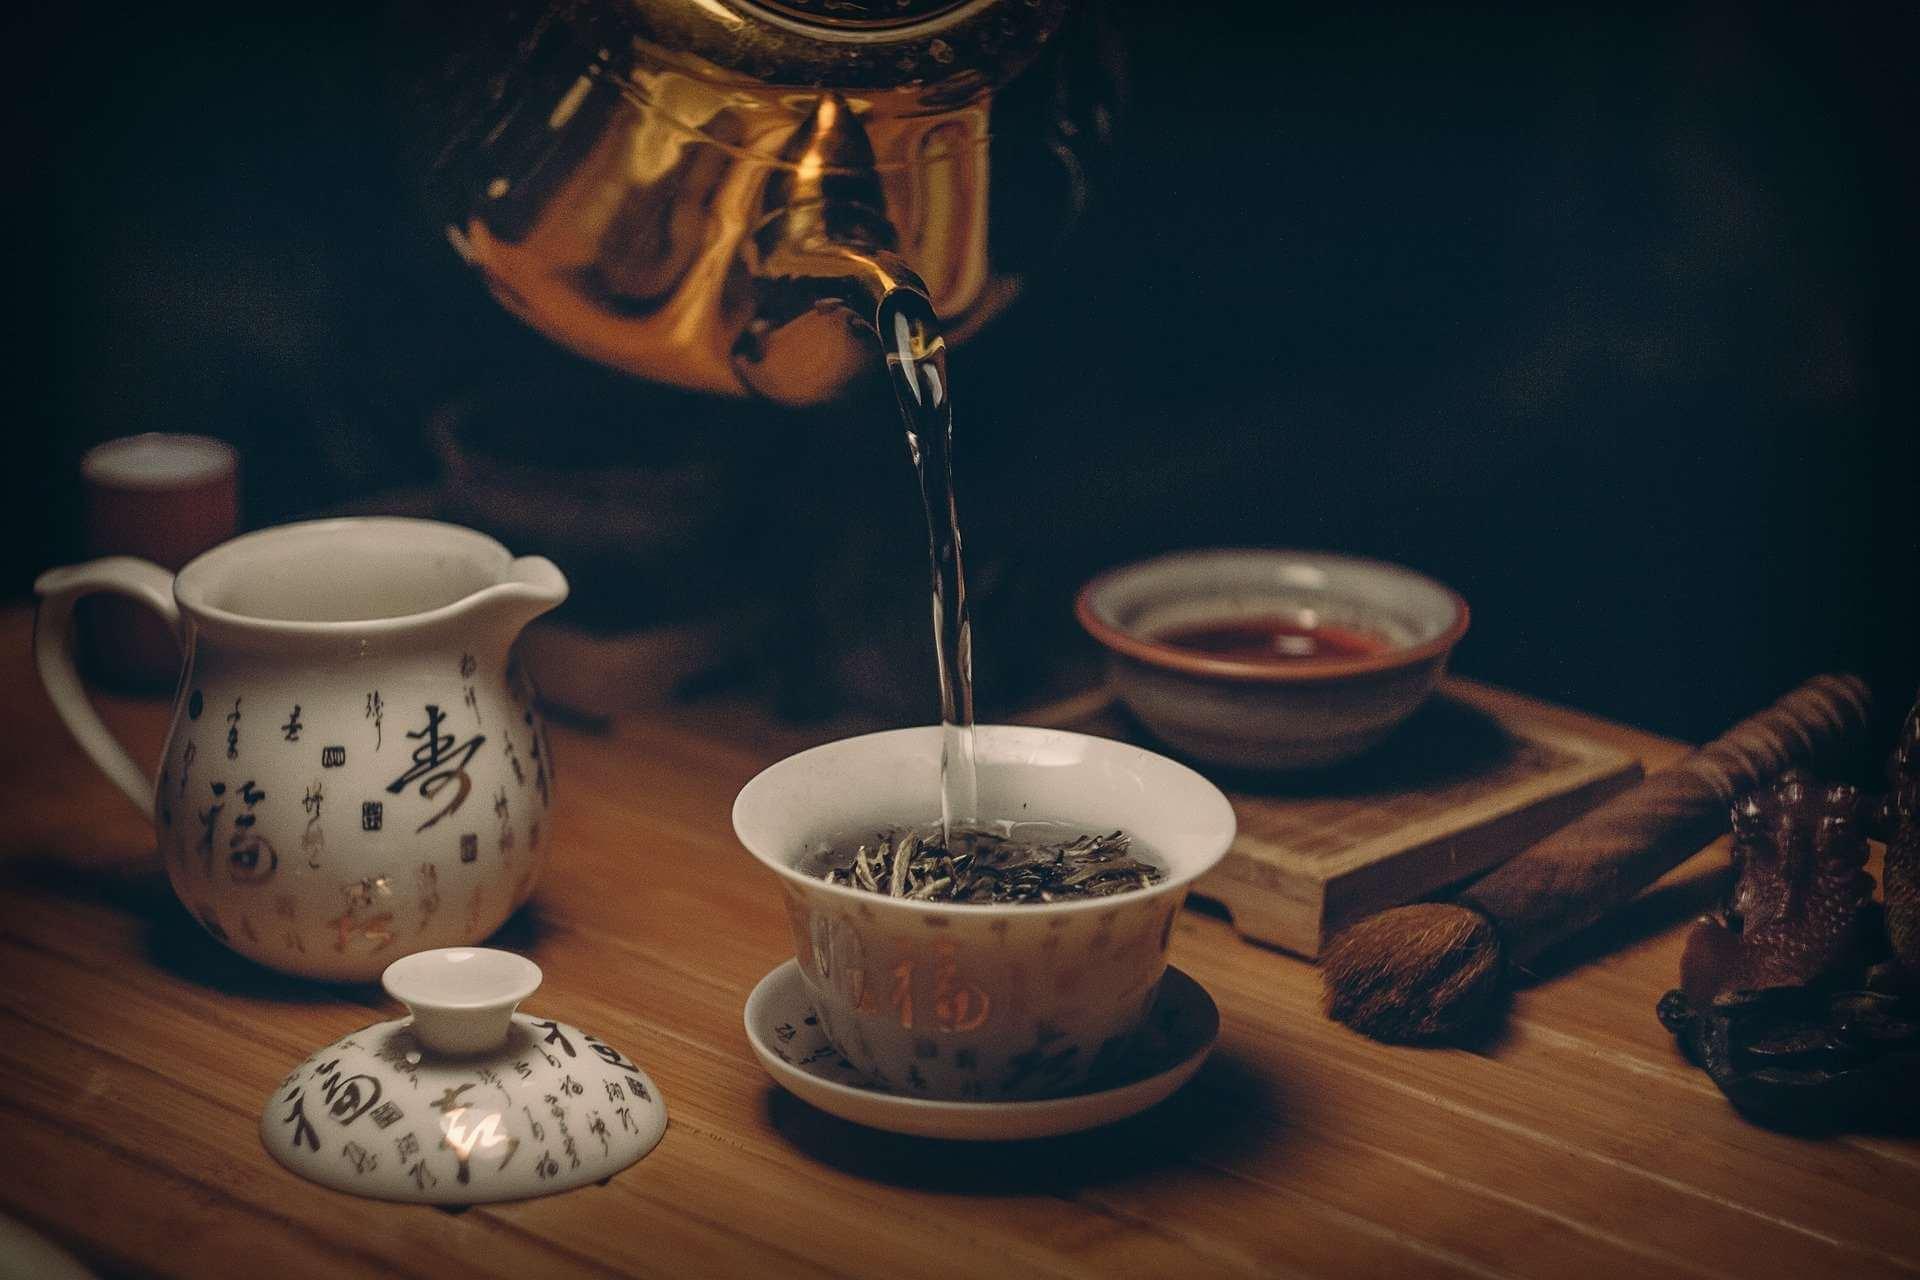 Диетолог рекомендует пить крепкий чай не чаще четырех раз в день